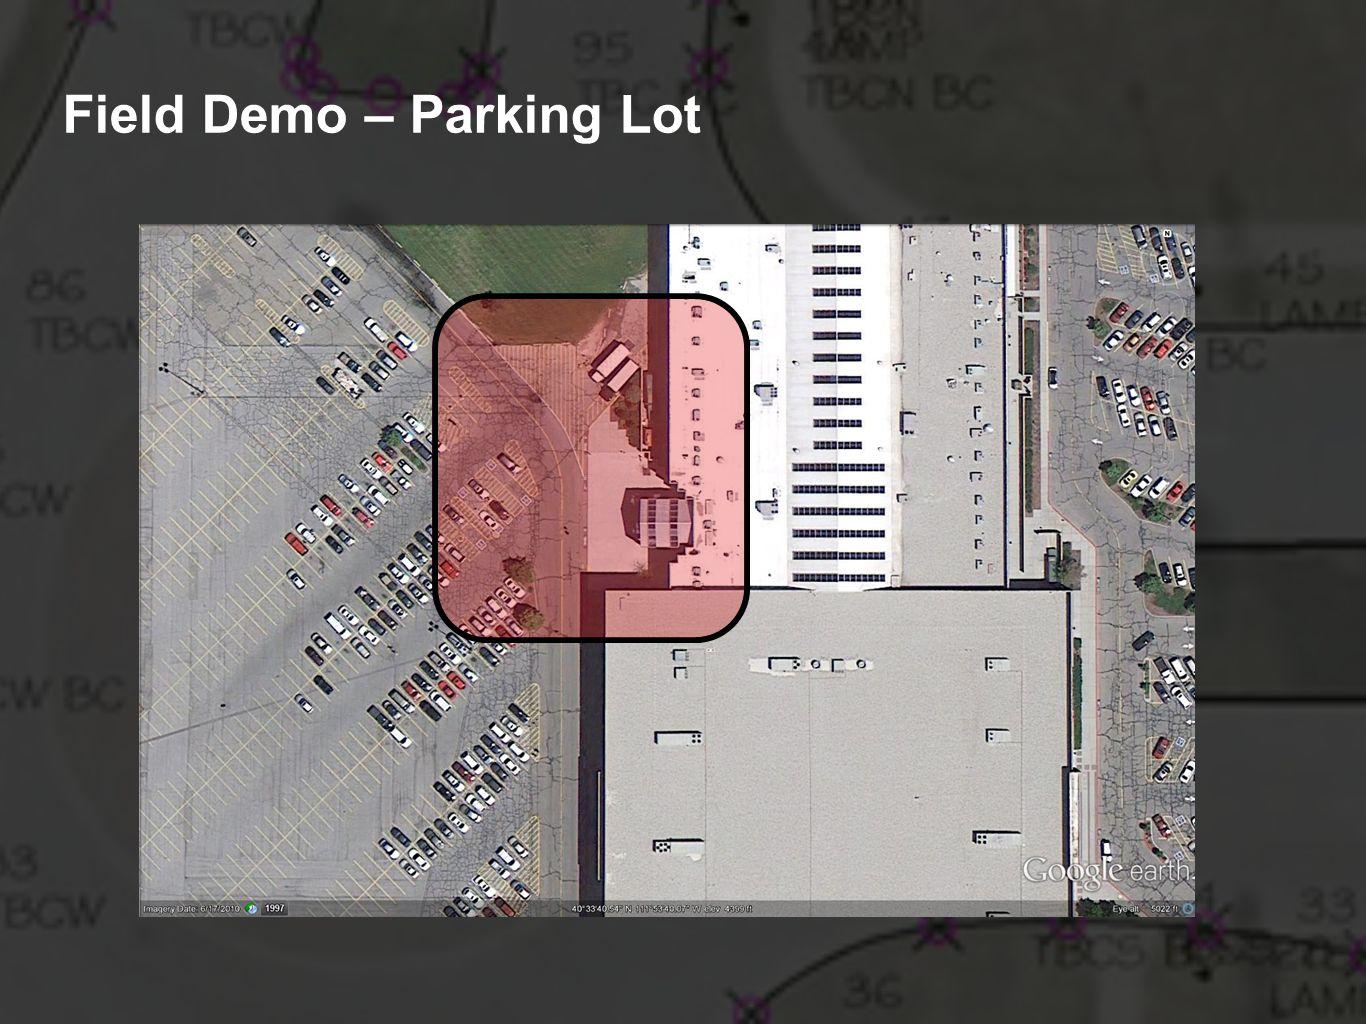 Field Demo – Parking Lot